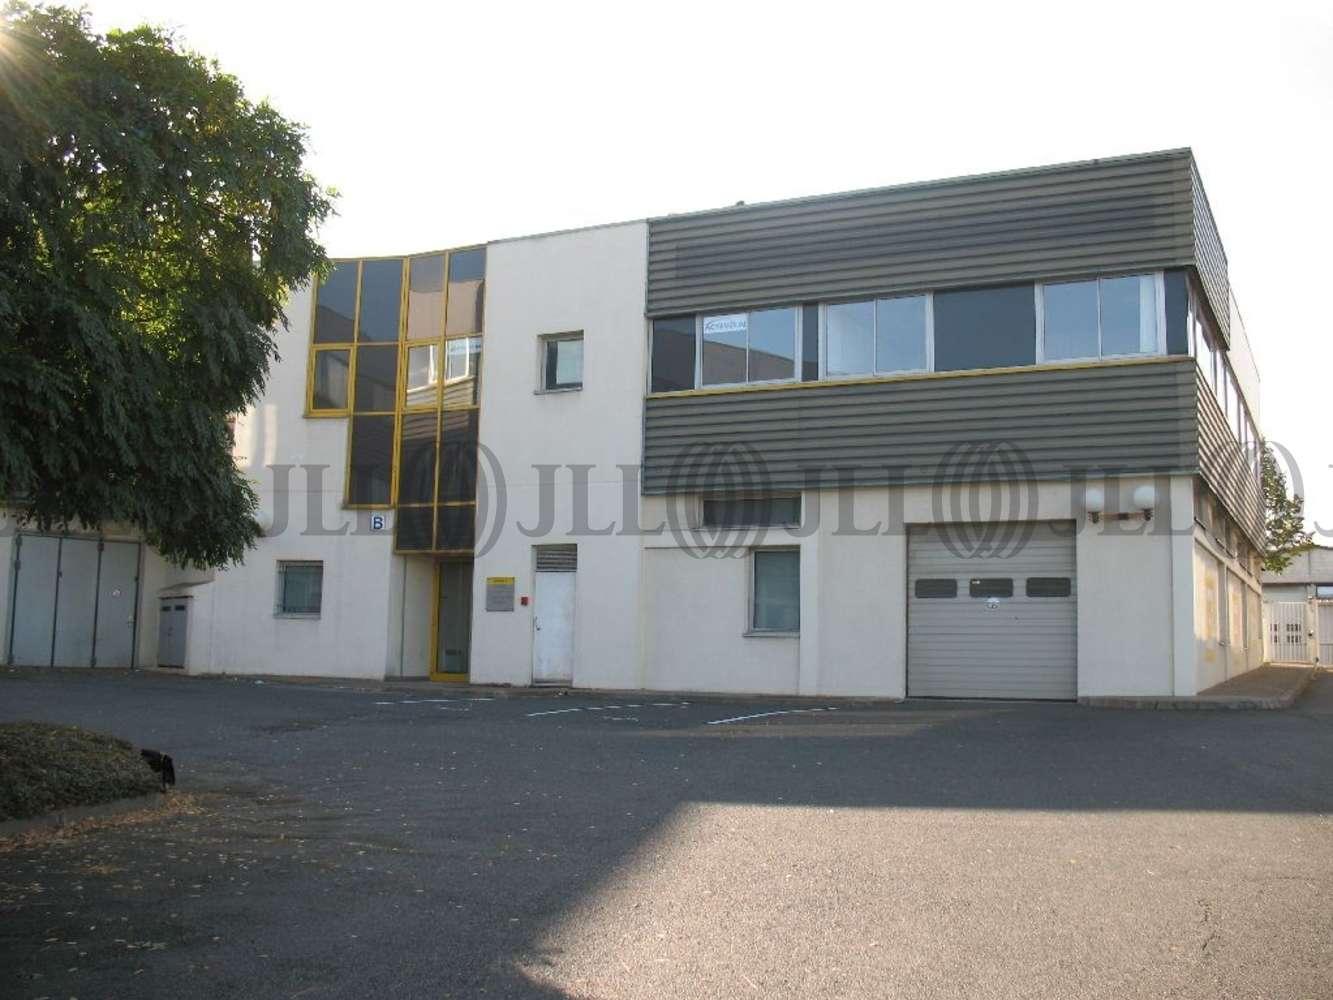 Activités/entrepôt Vitry sur seine, 94400